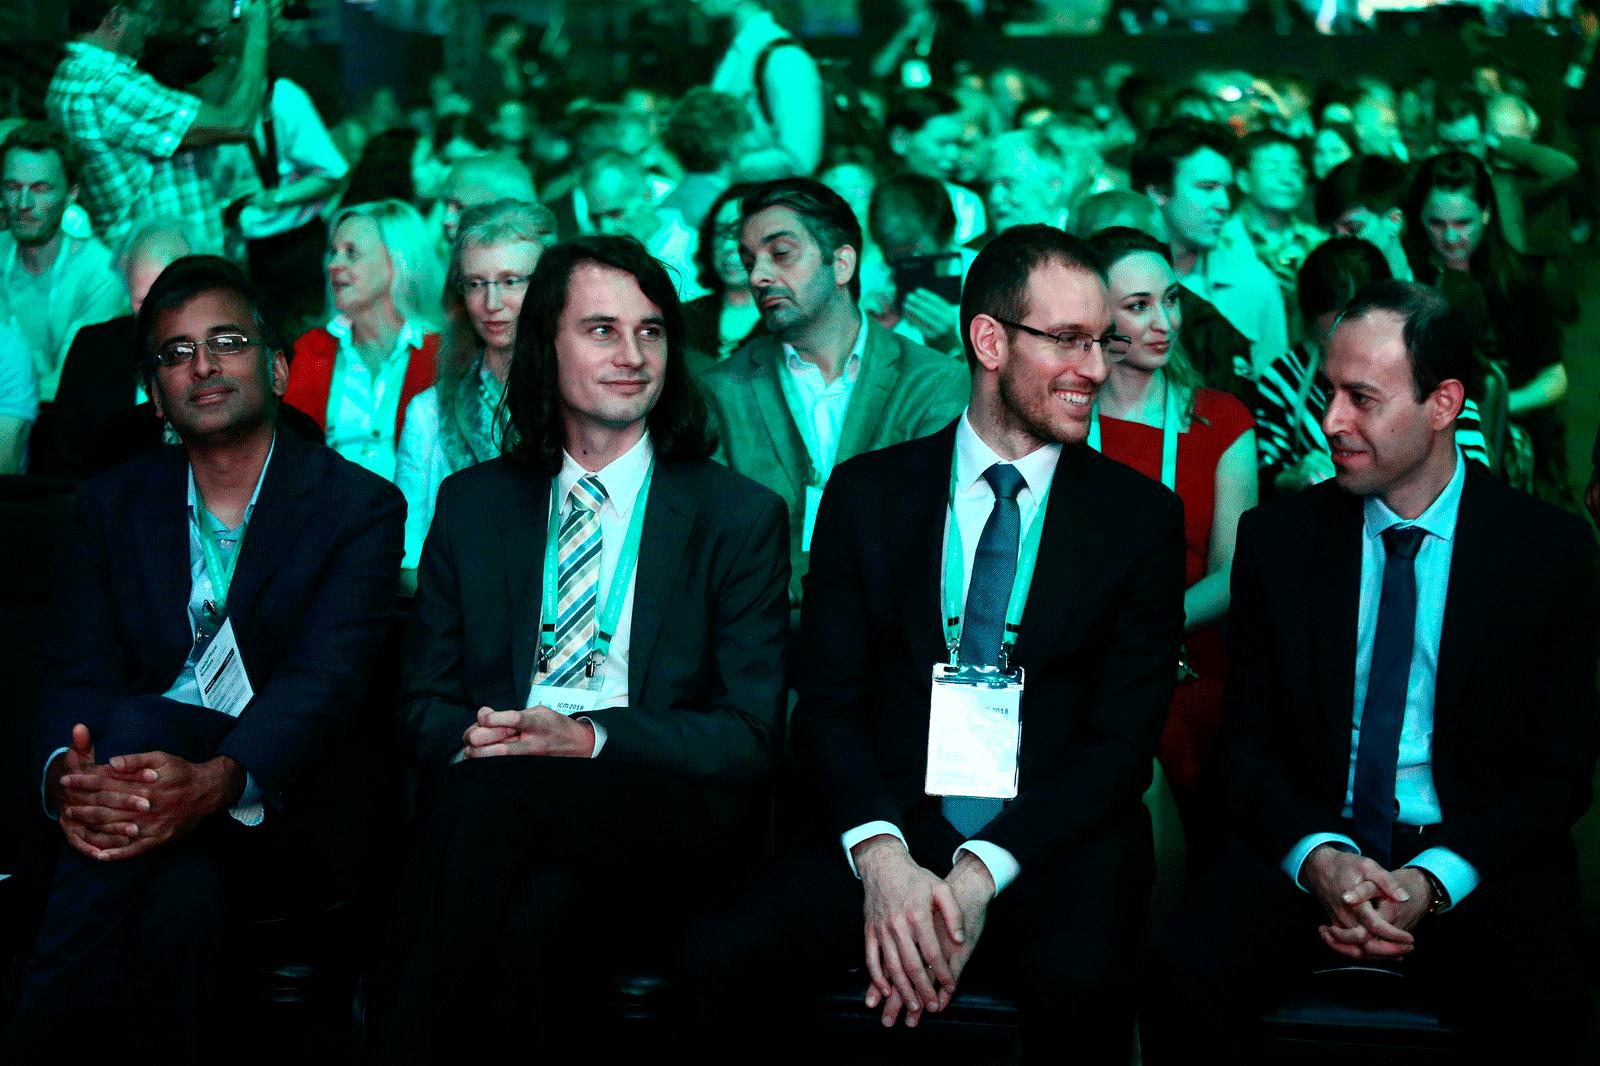 Da esquerda para a direita, os vencedores: Venkatesh, Scholze, Figalli, Birkar